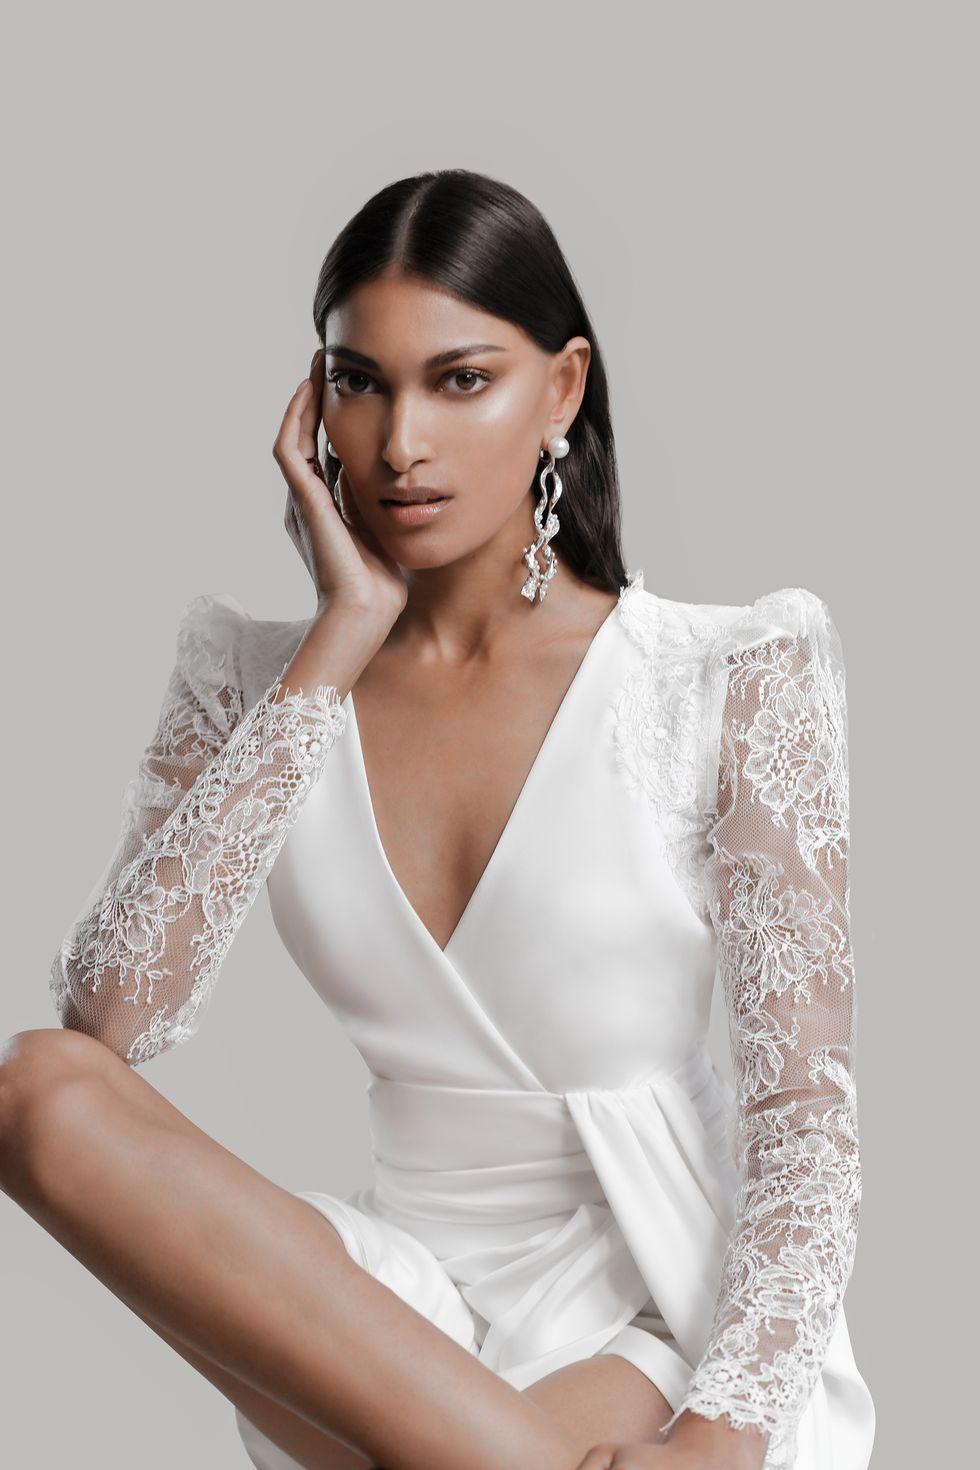 Vestidos de novia Prabal Gurung 2022, tendencias en vestidos de novia 2022, tendencias para novias 2022, moda para novias 2022 - Wedding Hub - 017